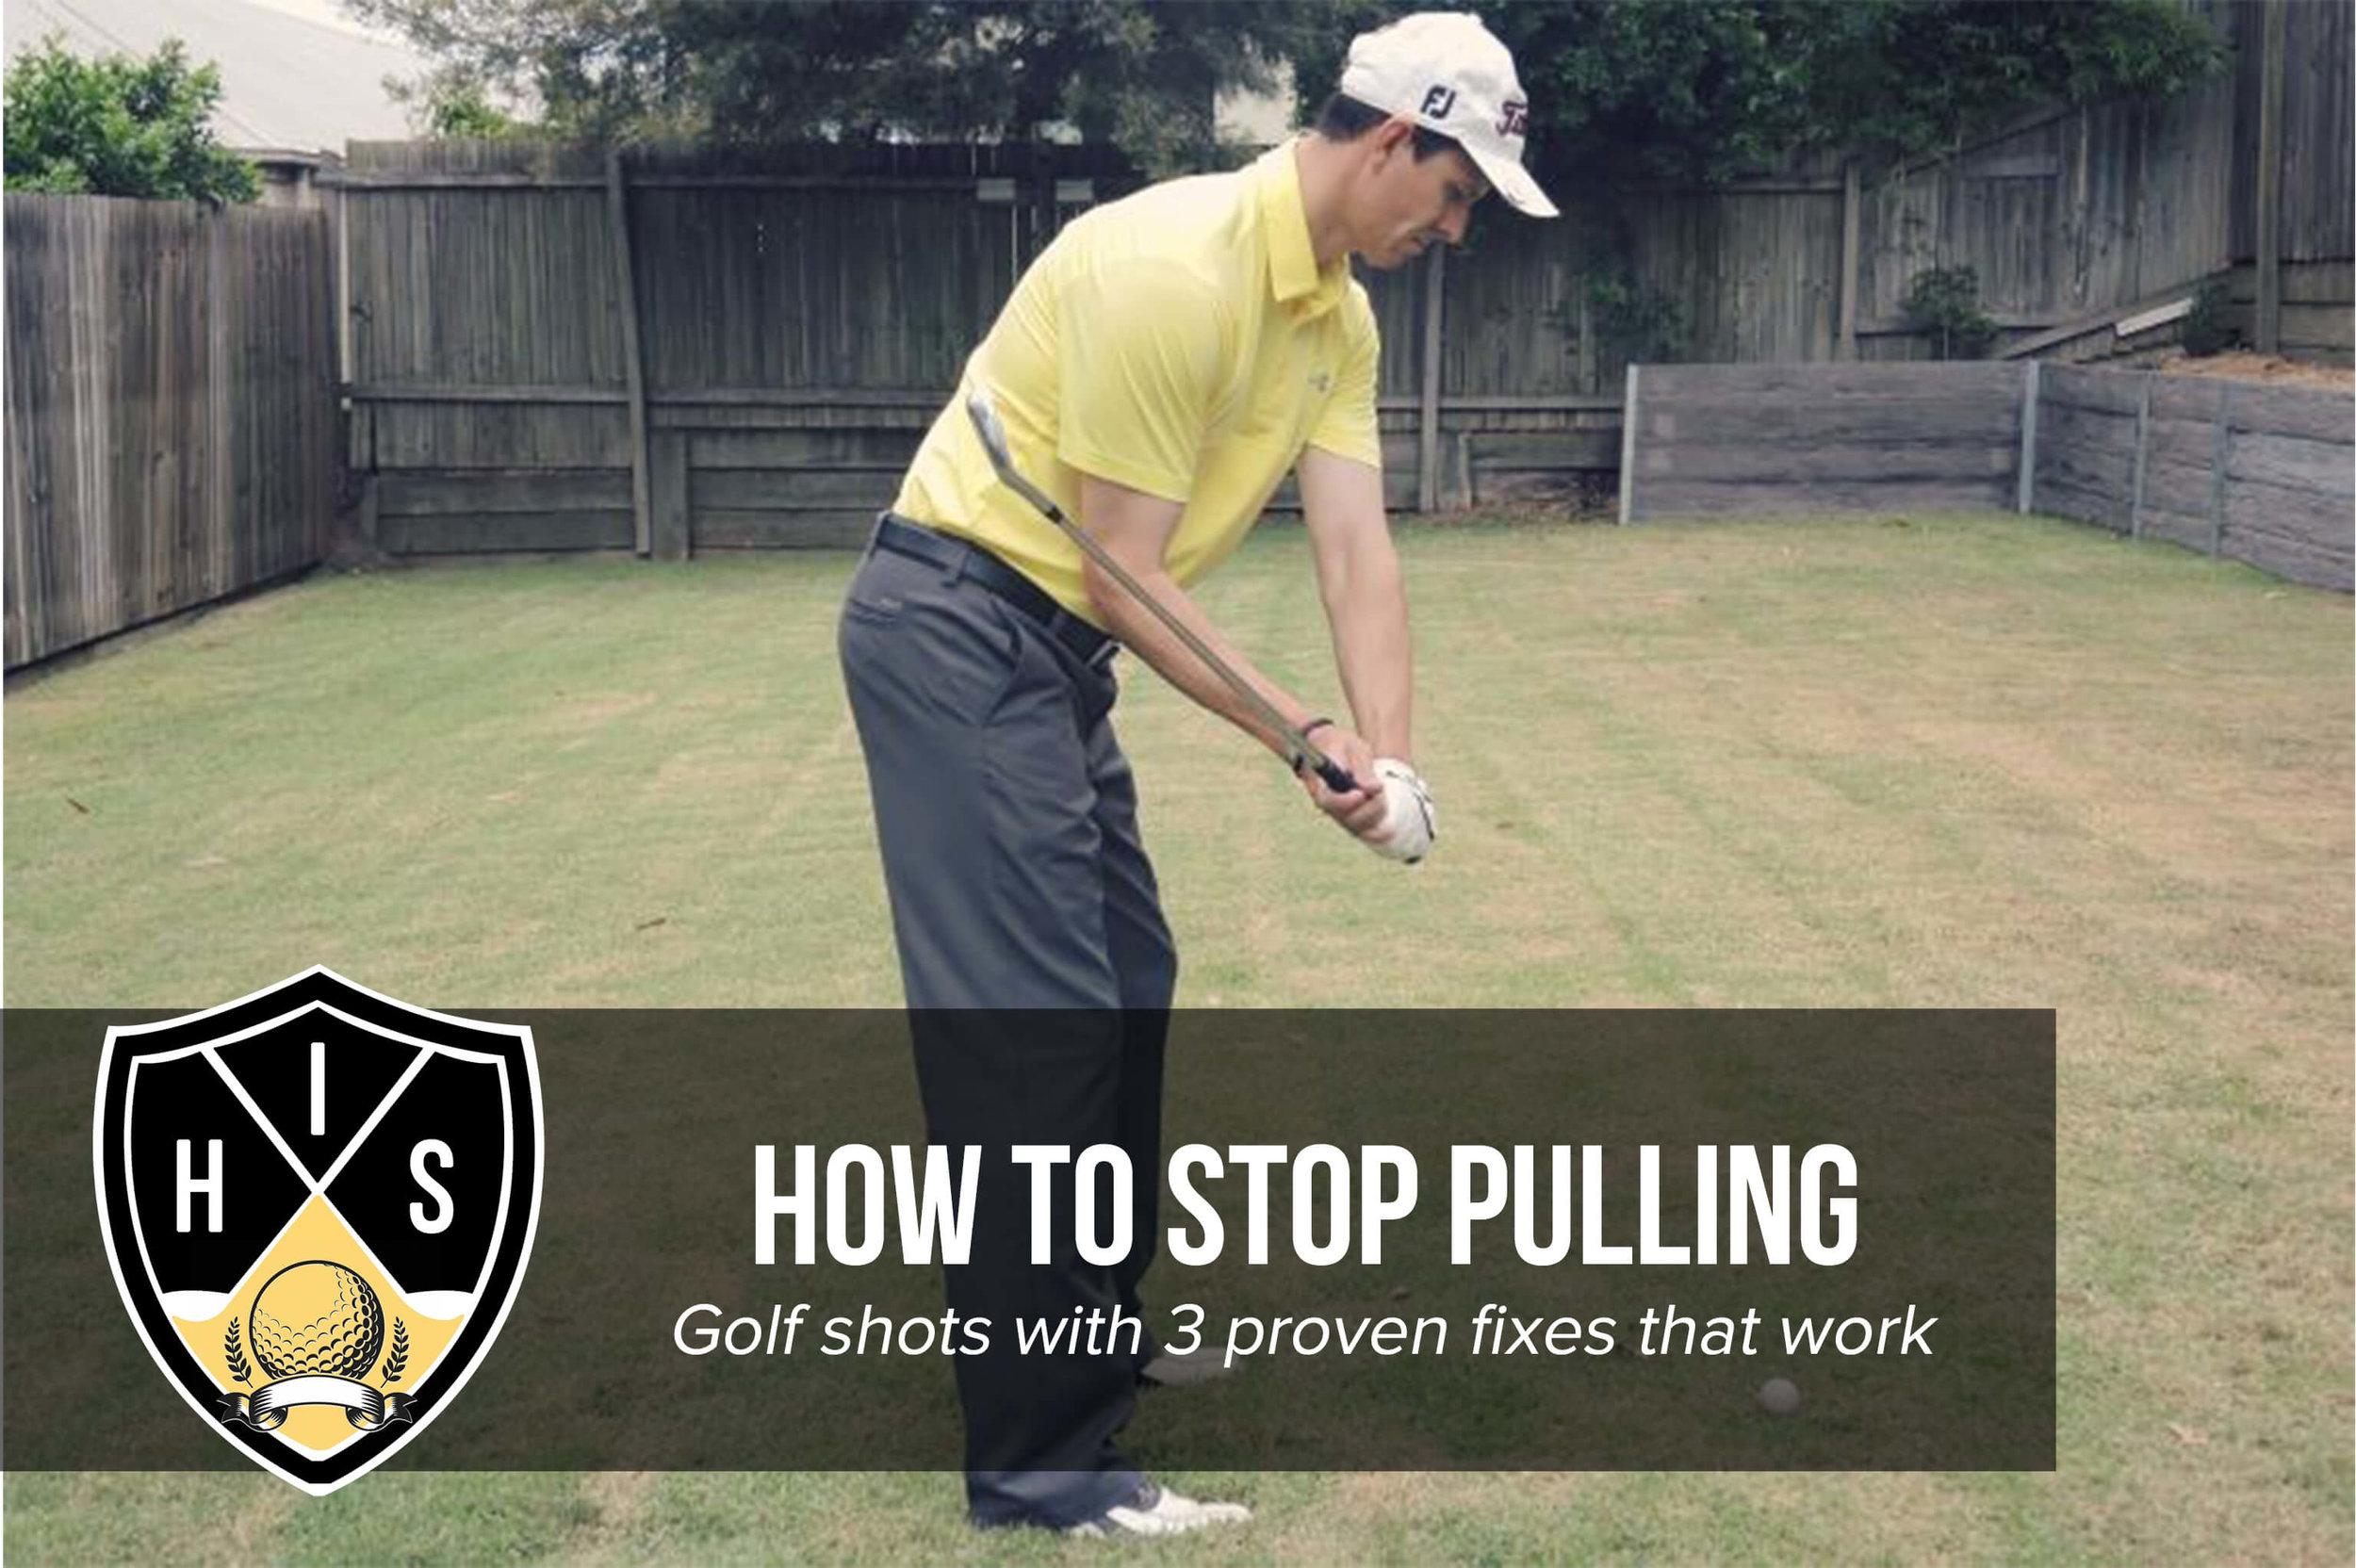 Pulling Golf Shots